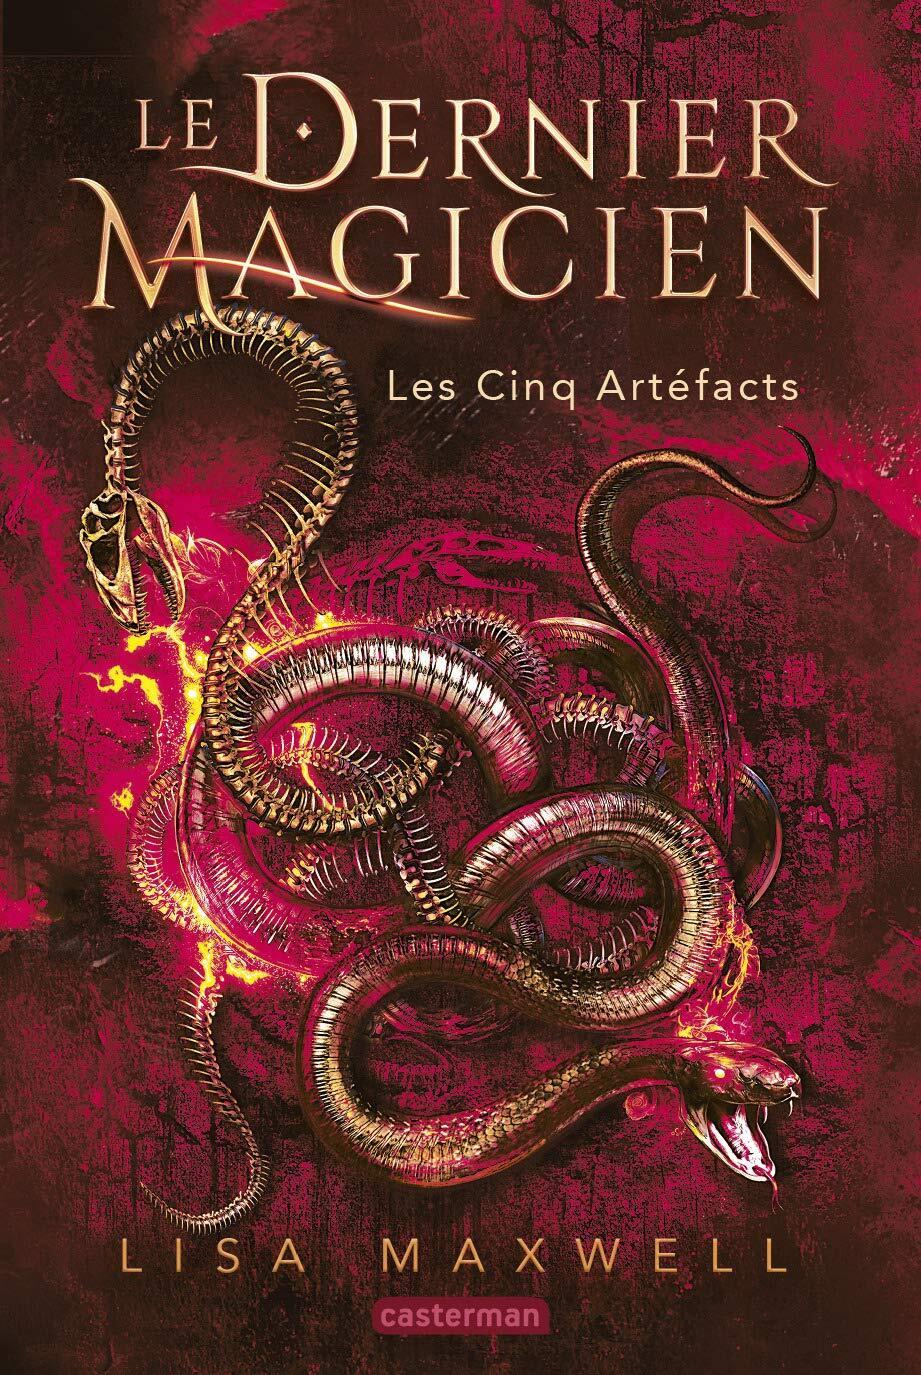 Le dernier magicien T.2 par Lisa Maxwell chez Casterman